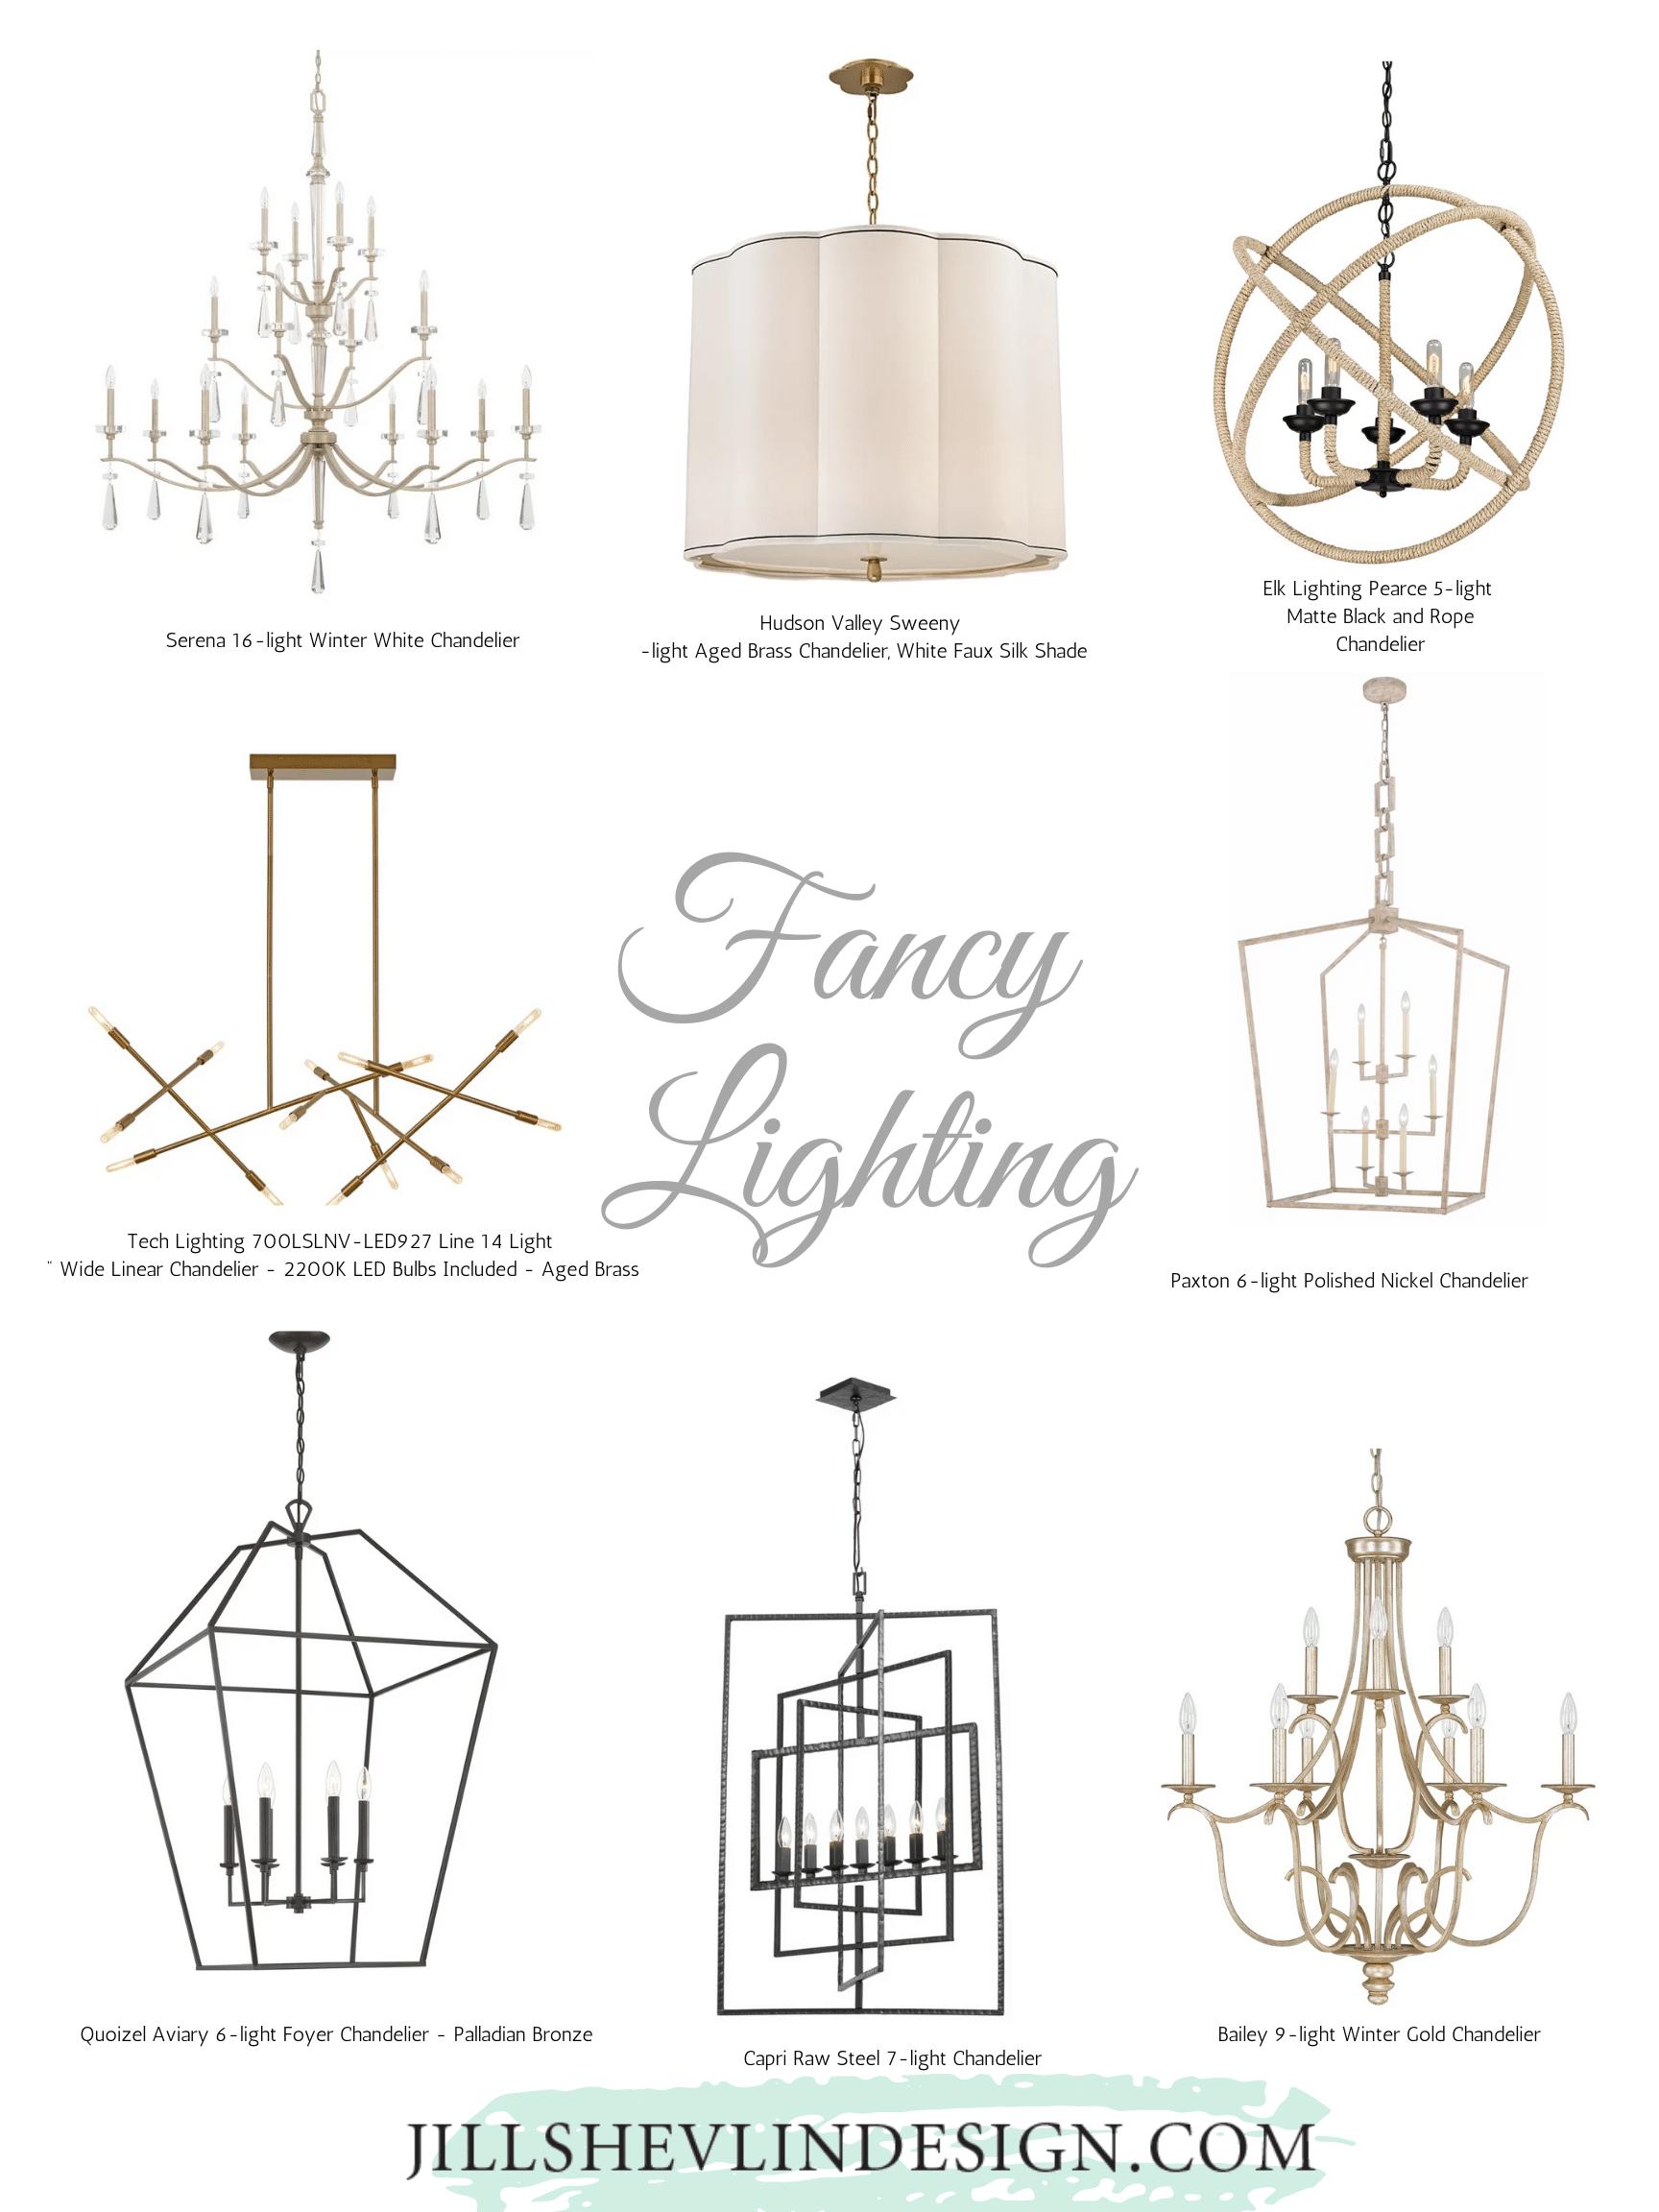 Fancy Chandeliers  all styles coasta modern, traditional, modern linear, lantern style lighting jill shevlin design vero beach